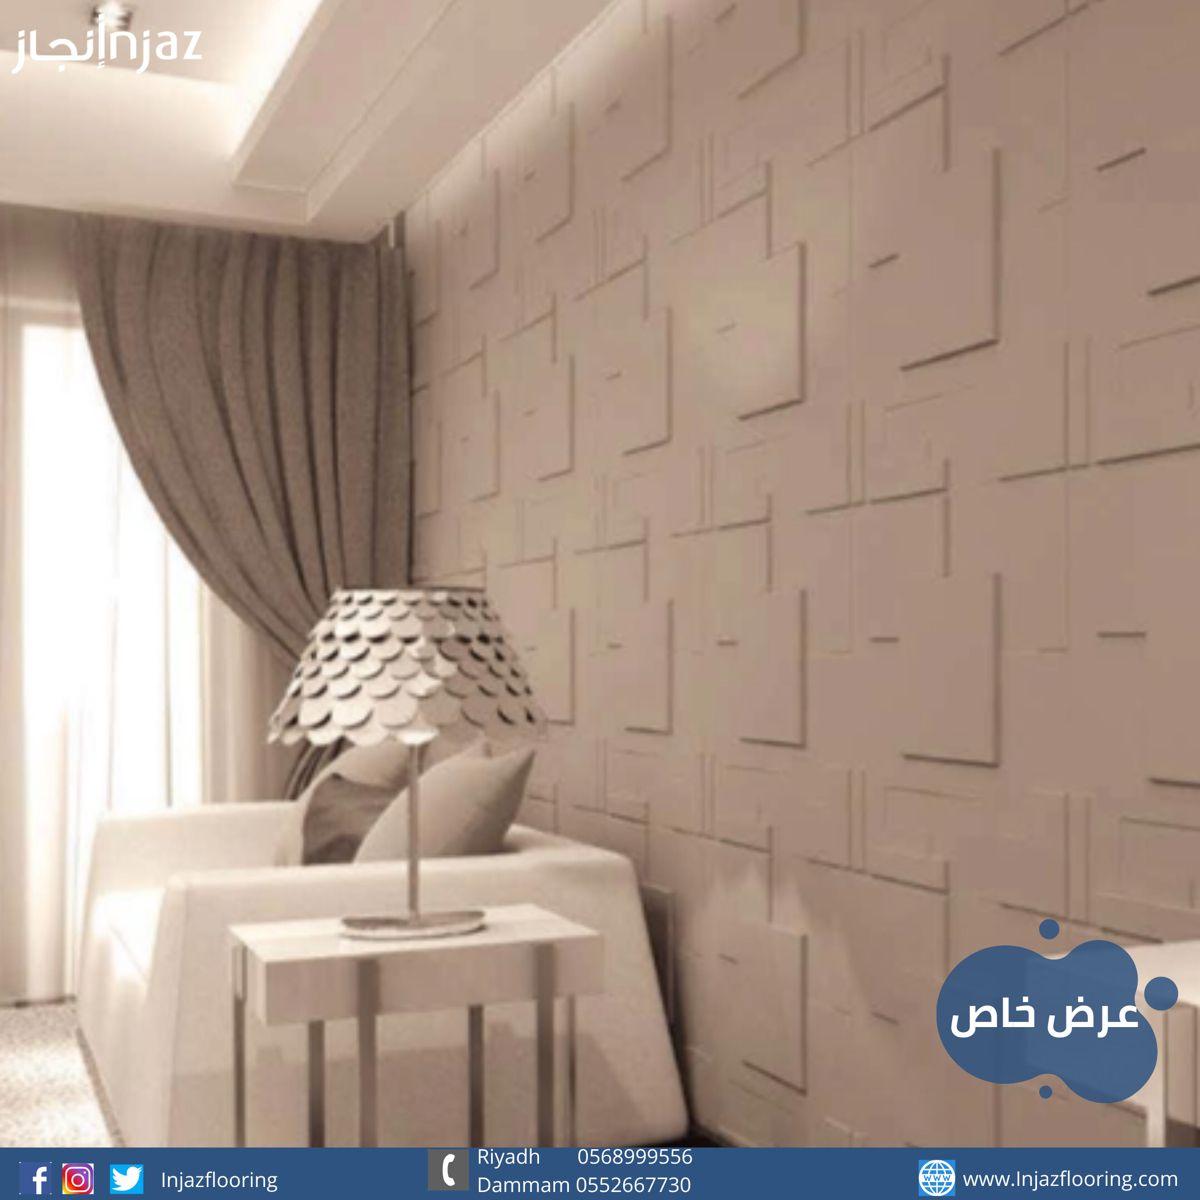 3d عروض إنجاز على جداريات الفايبر Home Decor Decals Decor Home Decor